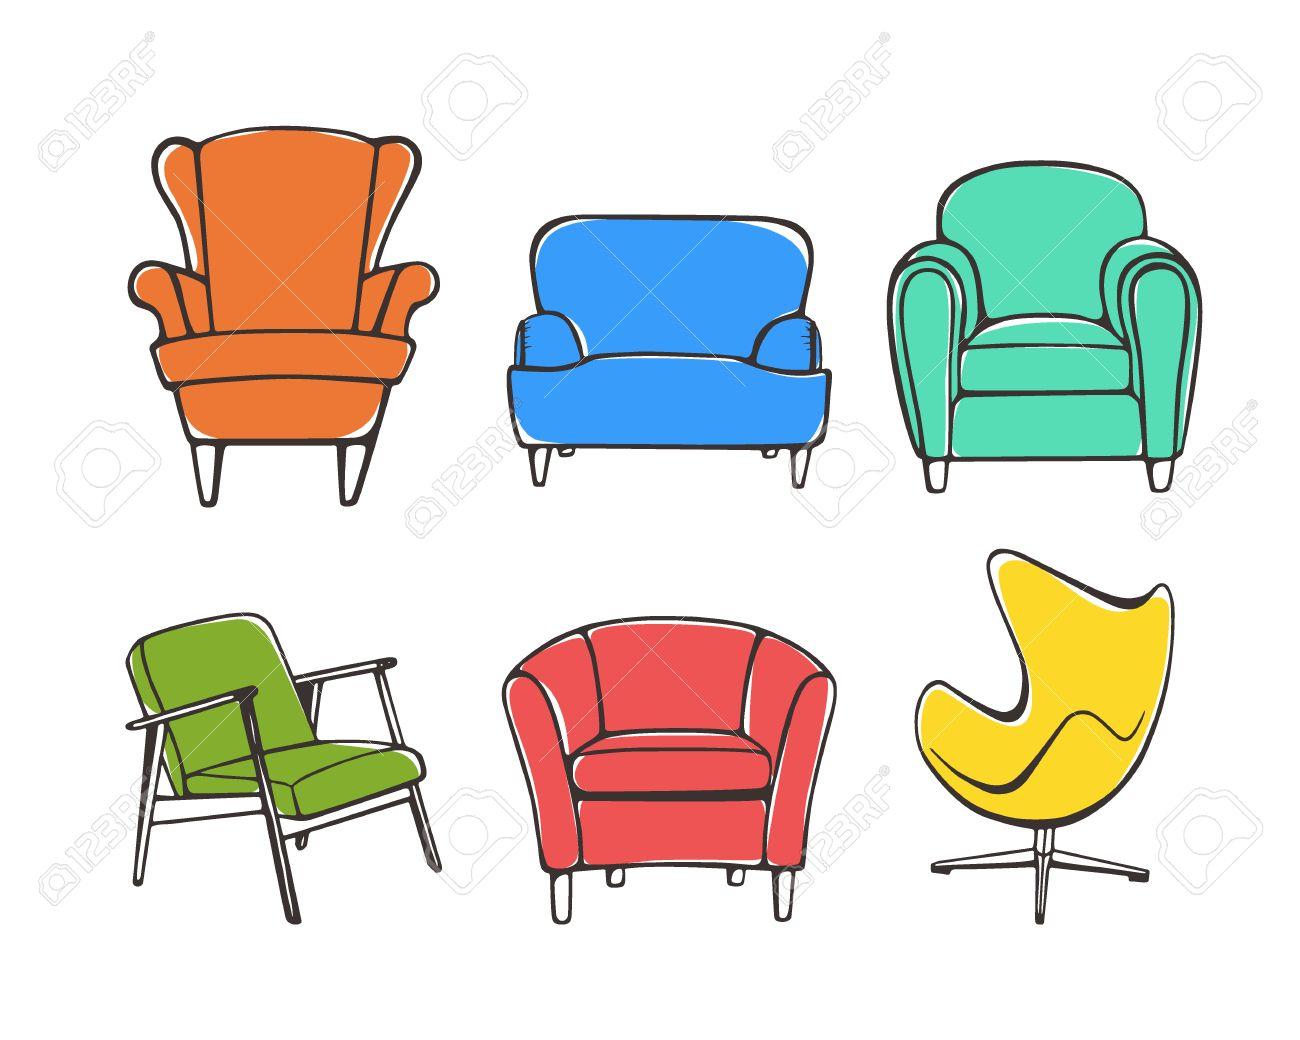 À MainAccent D'appoint Styles ChaiseCouleurs VintageDessin Dessinés D'encre Conception Vector De Graphique Fauteuils Ensemble La TJFKlc13